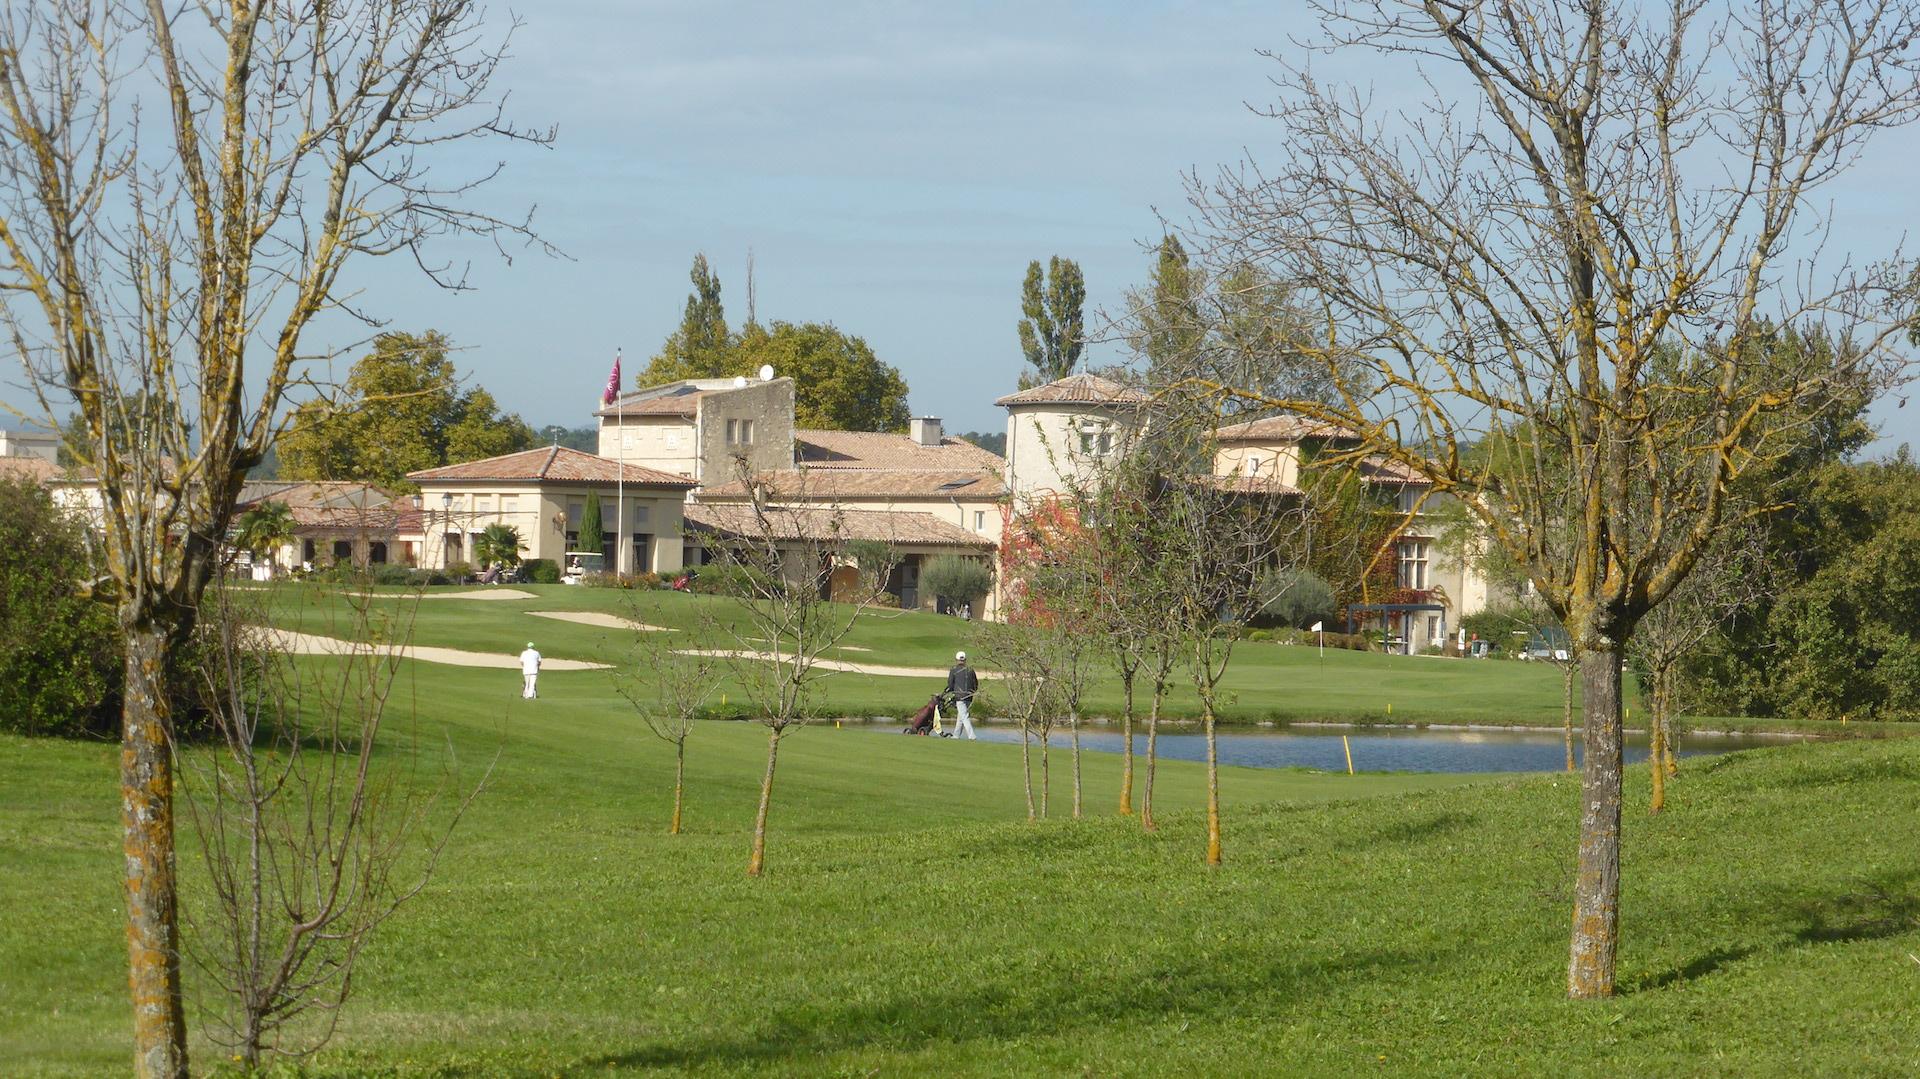 Le chateau - club house et le fairway du redoutable n°9